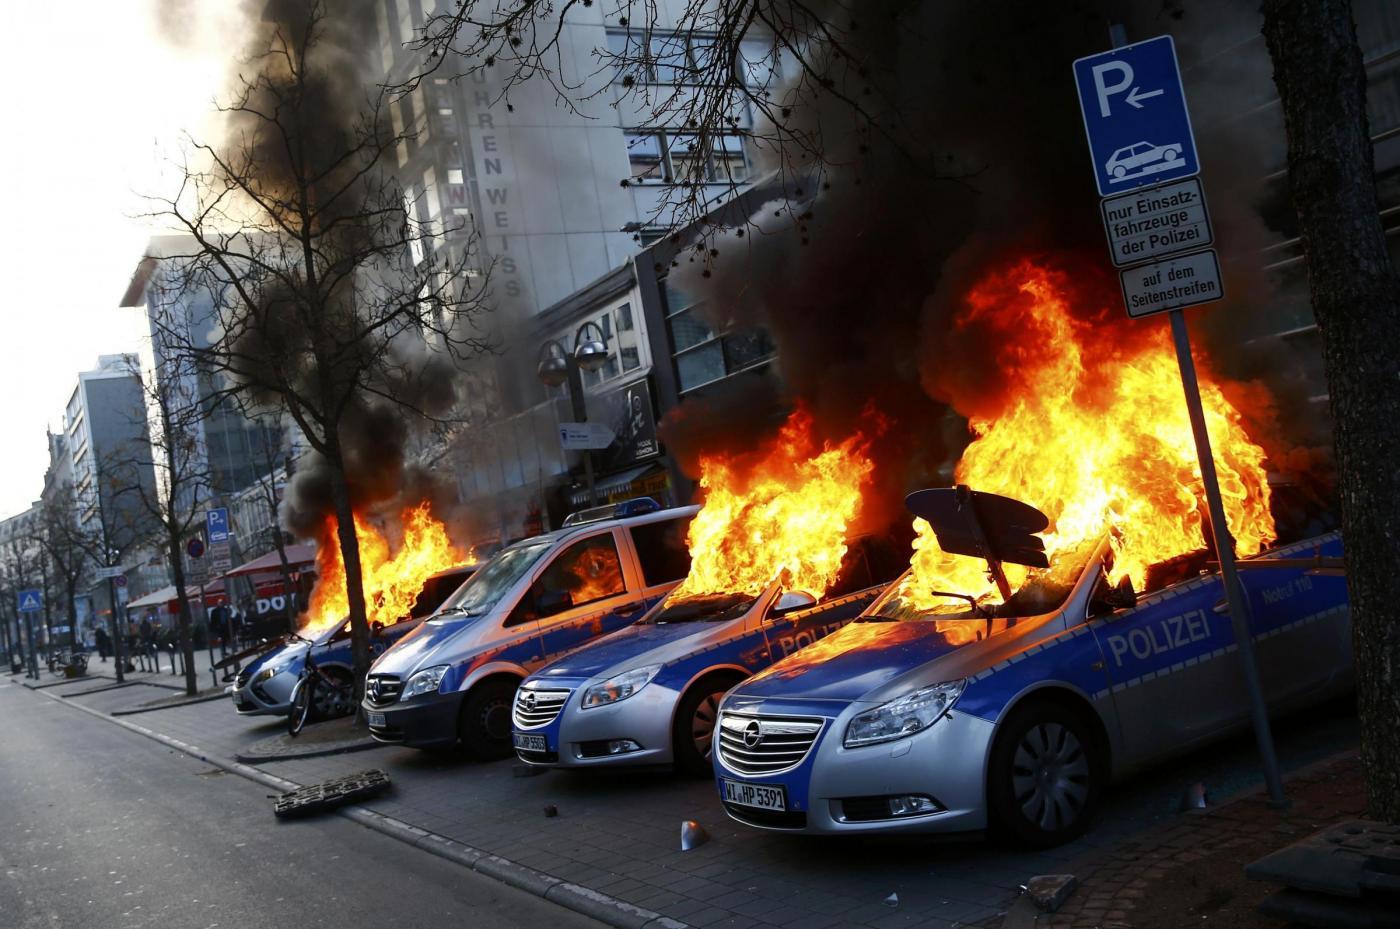 Foto: Reuters / Kai Pfaffenbach. Fonte: LaPresse